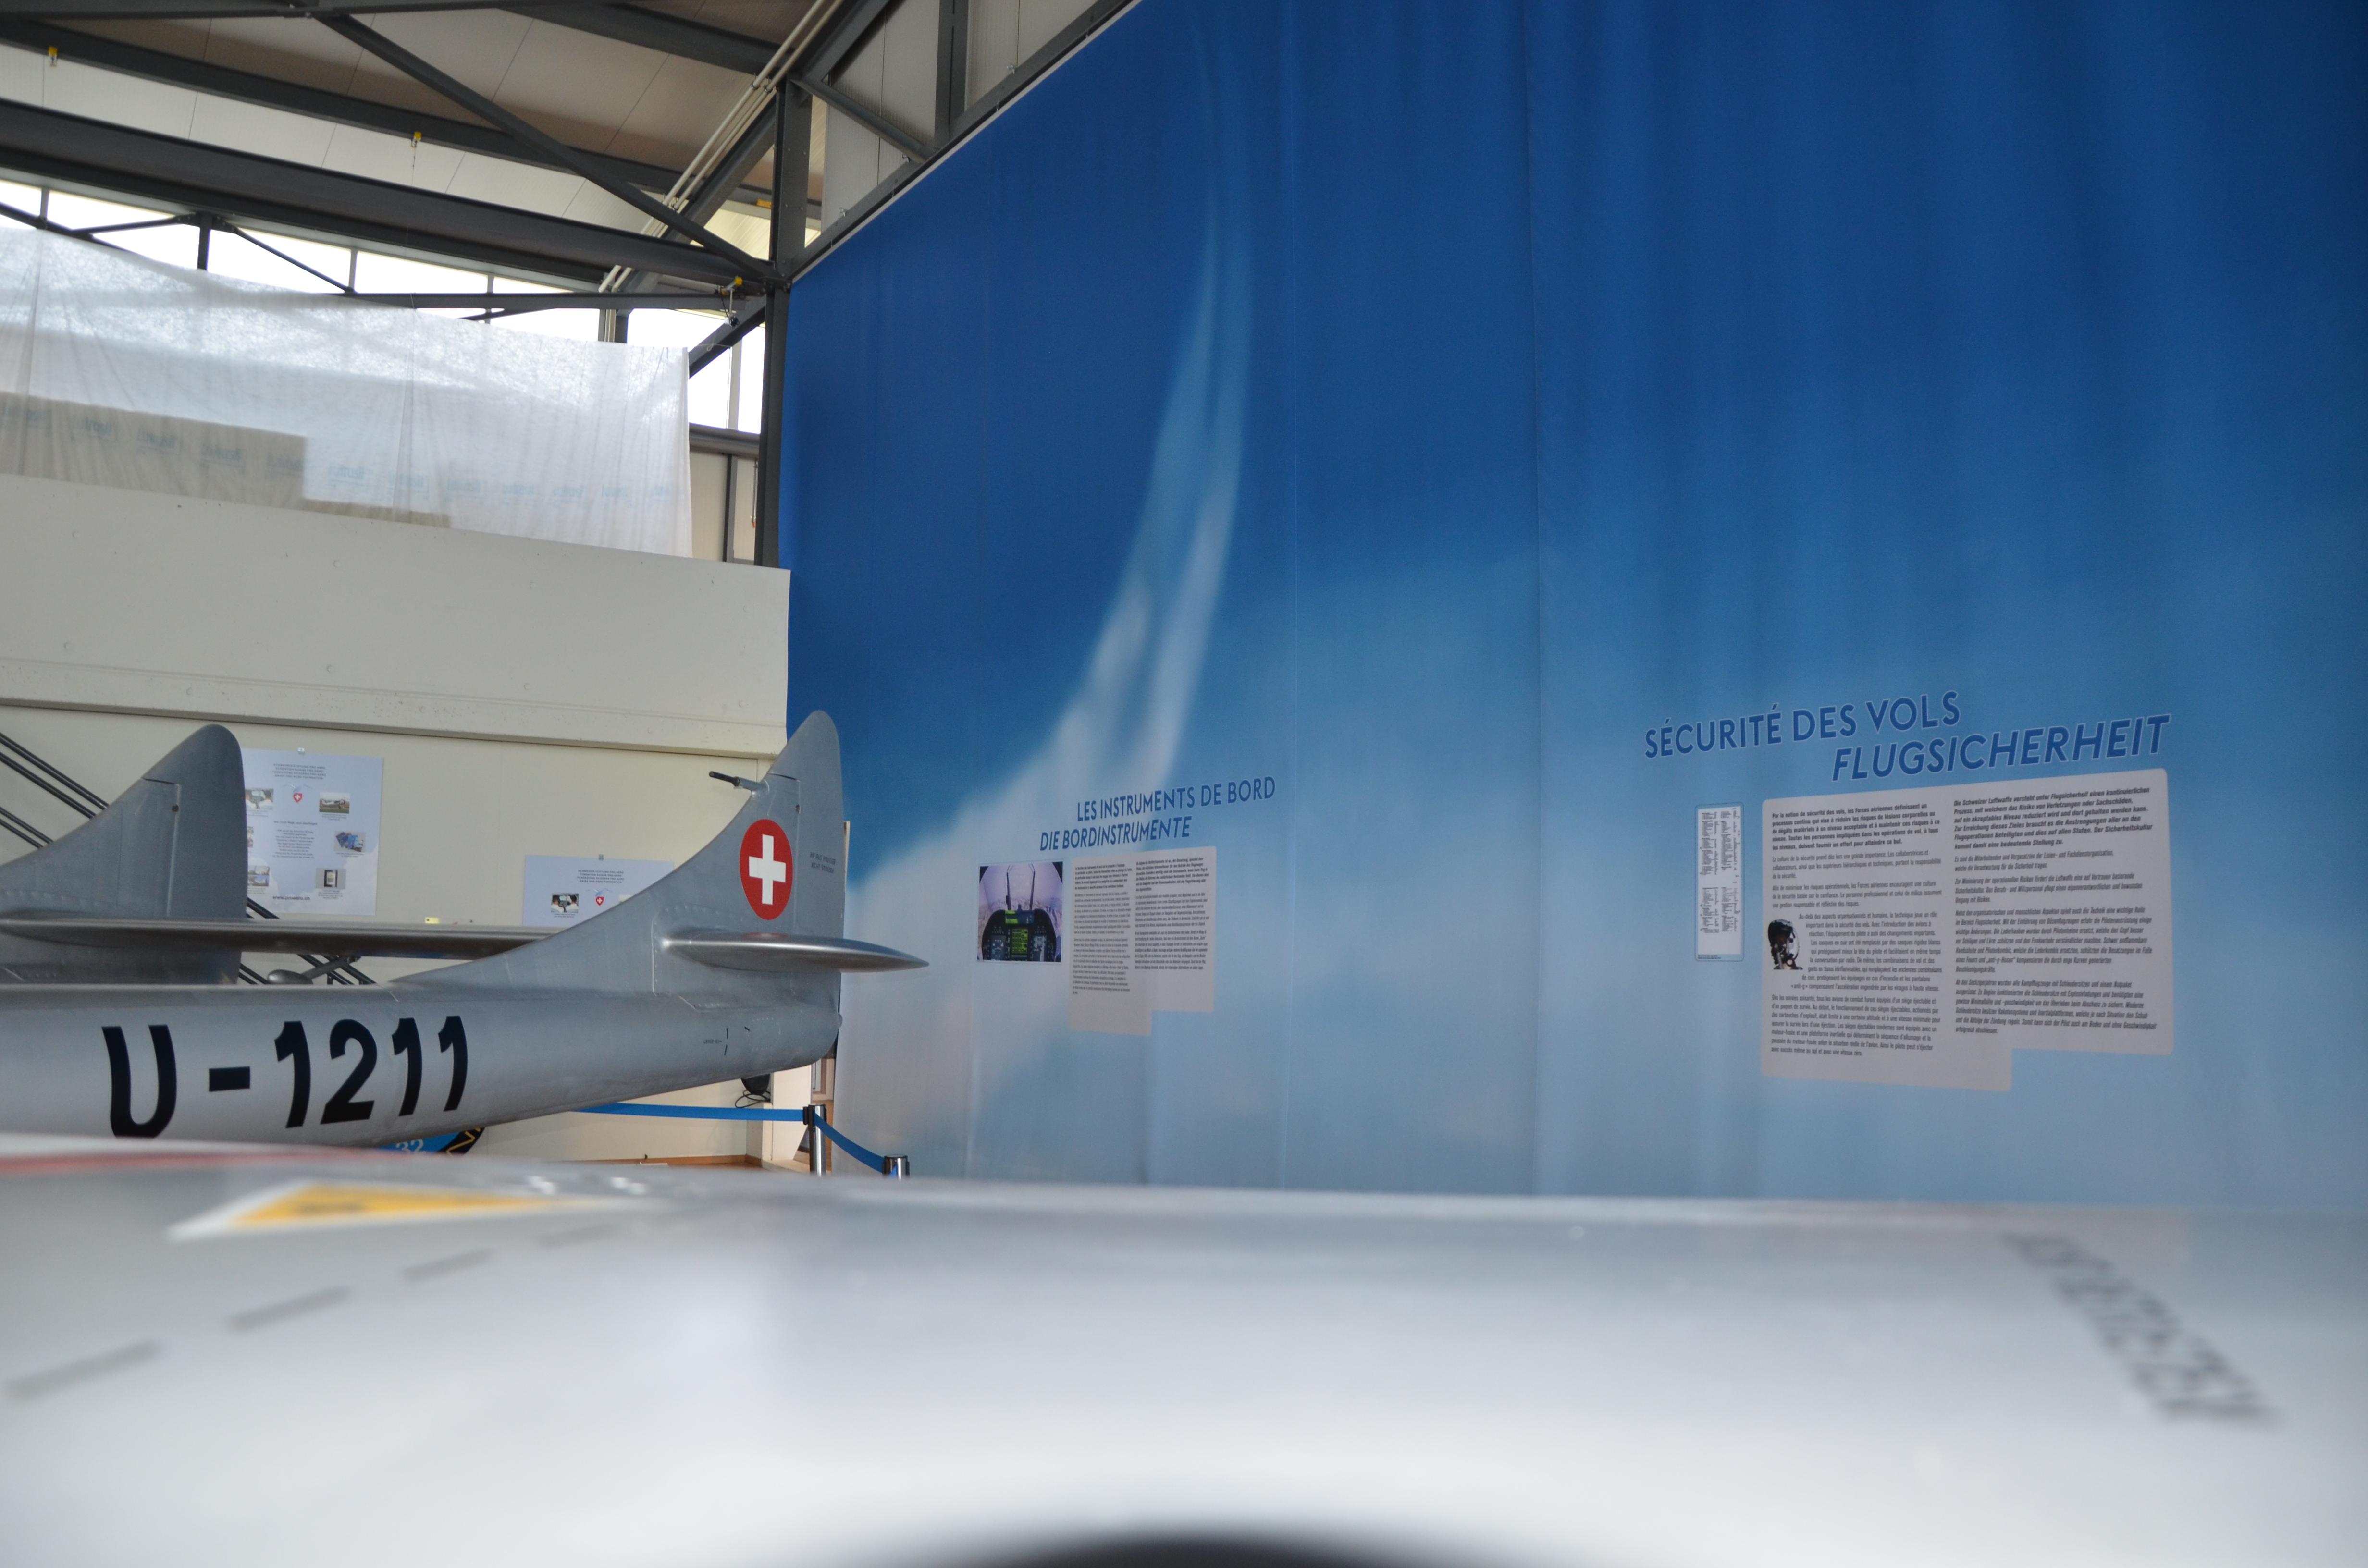 Musée_aviation_militaire_Clin_d_ailes_Payerne_002